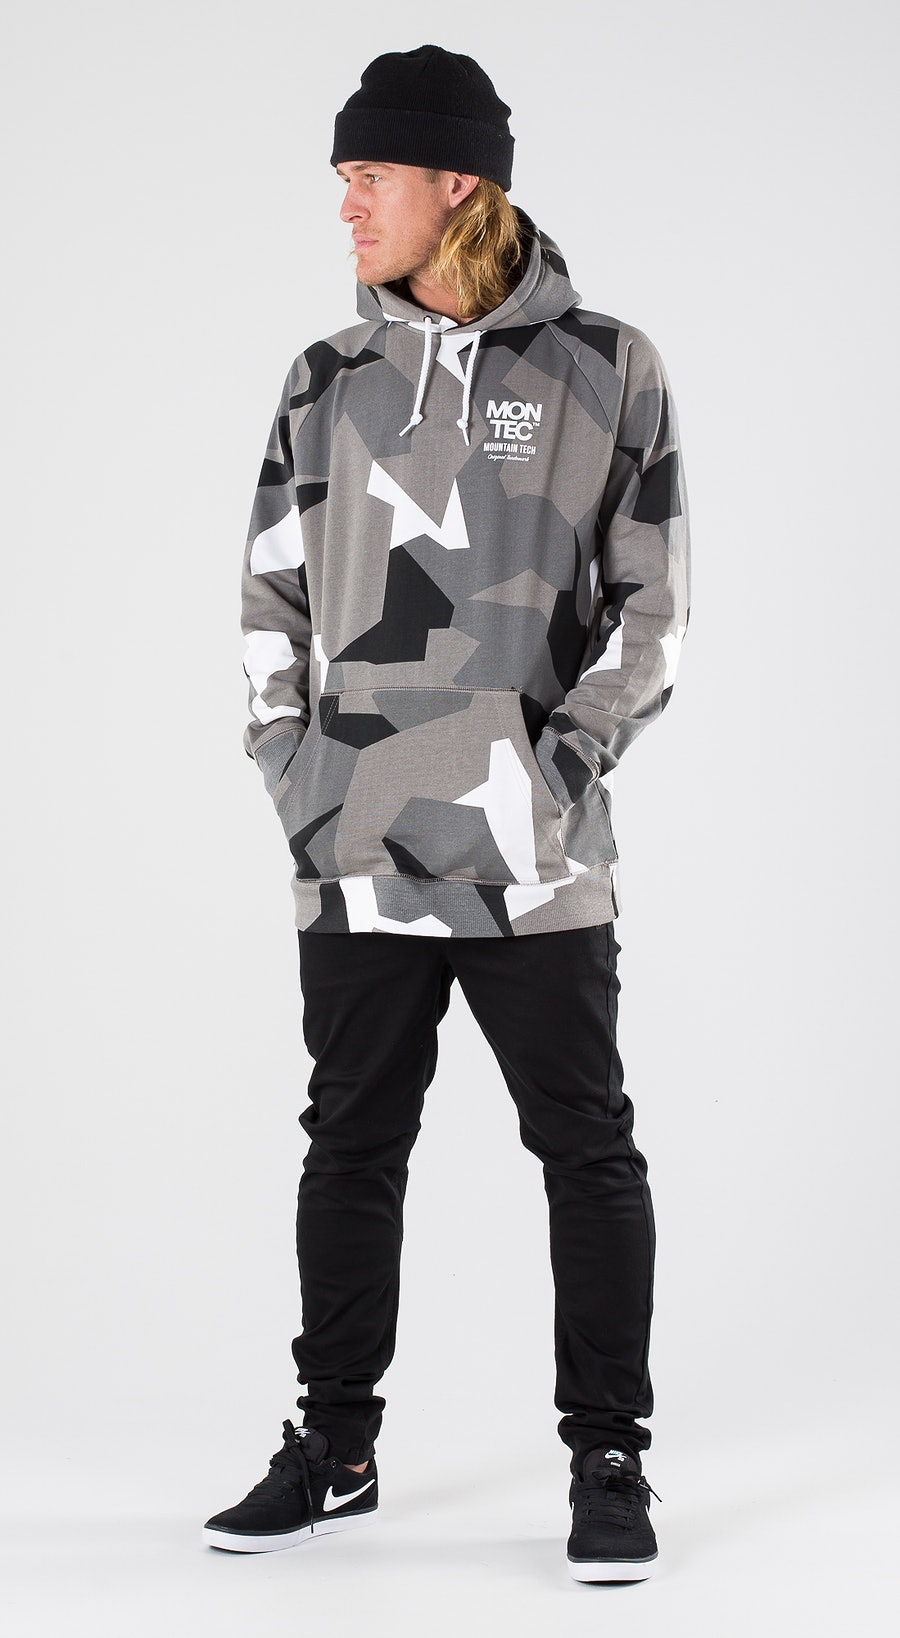 Montec M-Tech Arctic Camo Outfit Multi